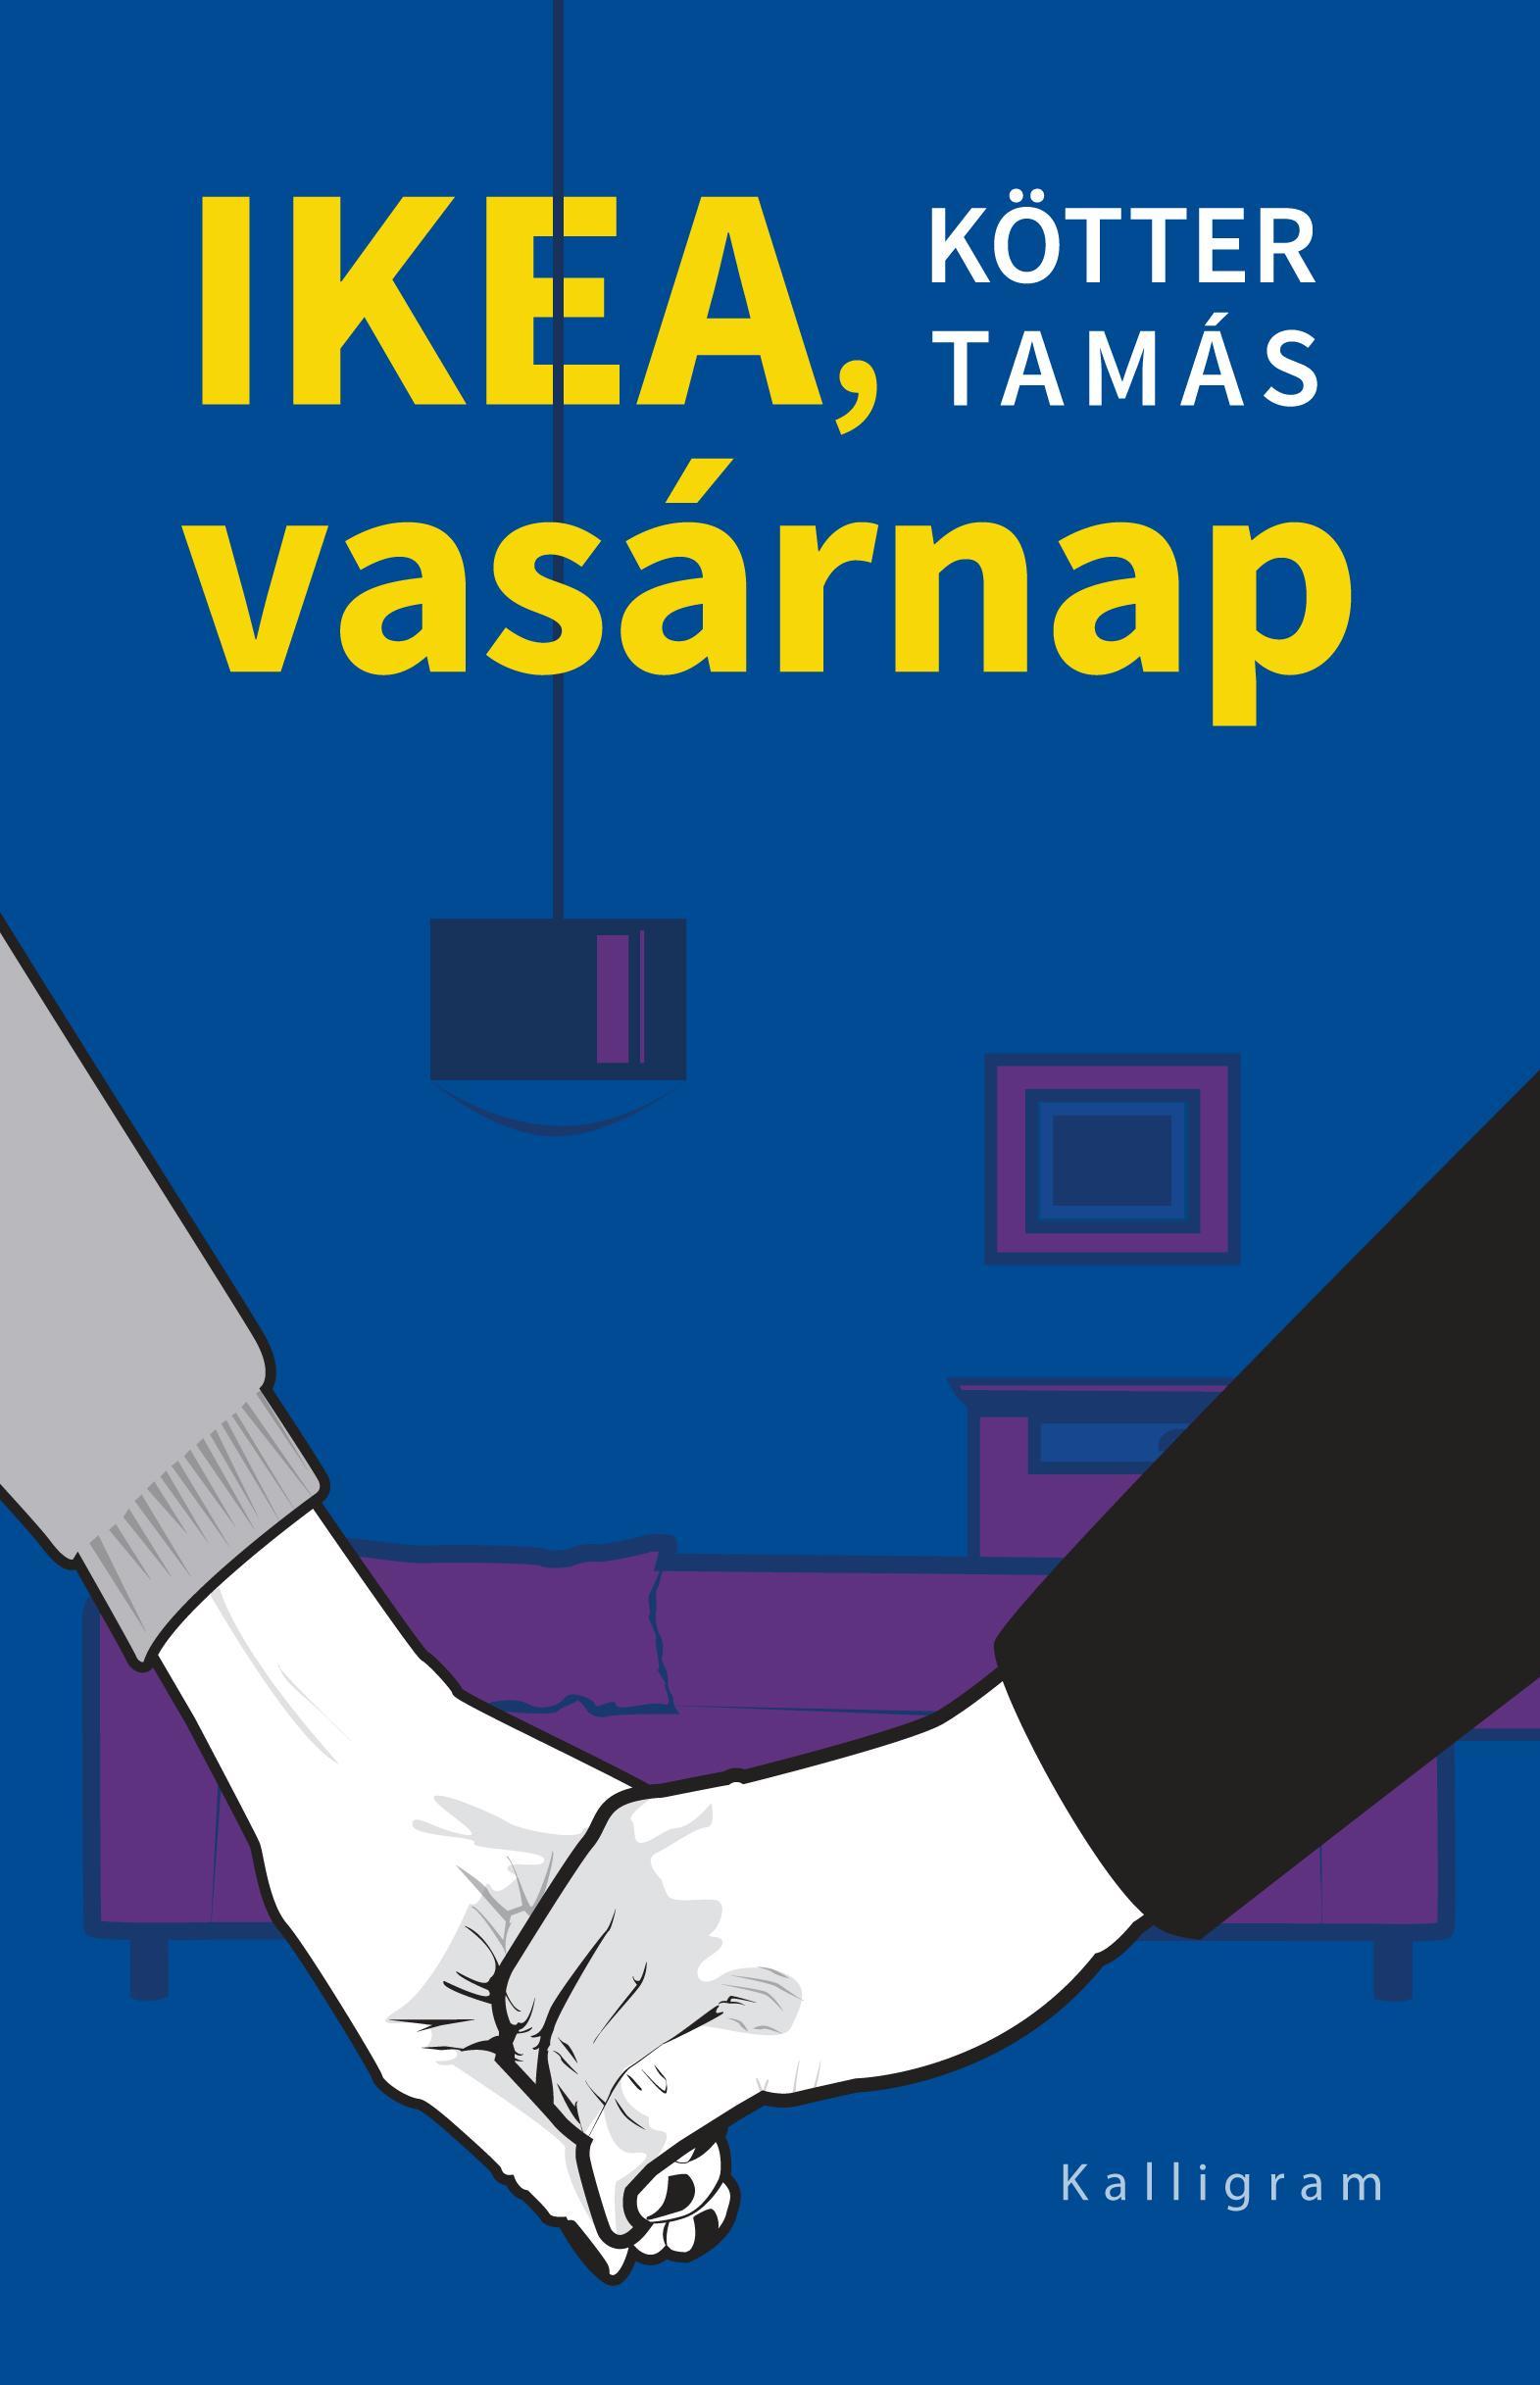 KÖTTER TAMÁS - IKEA, VASÁRNAP